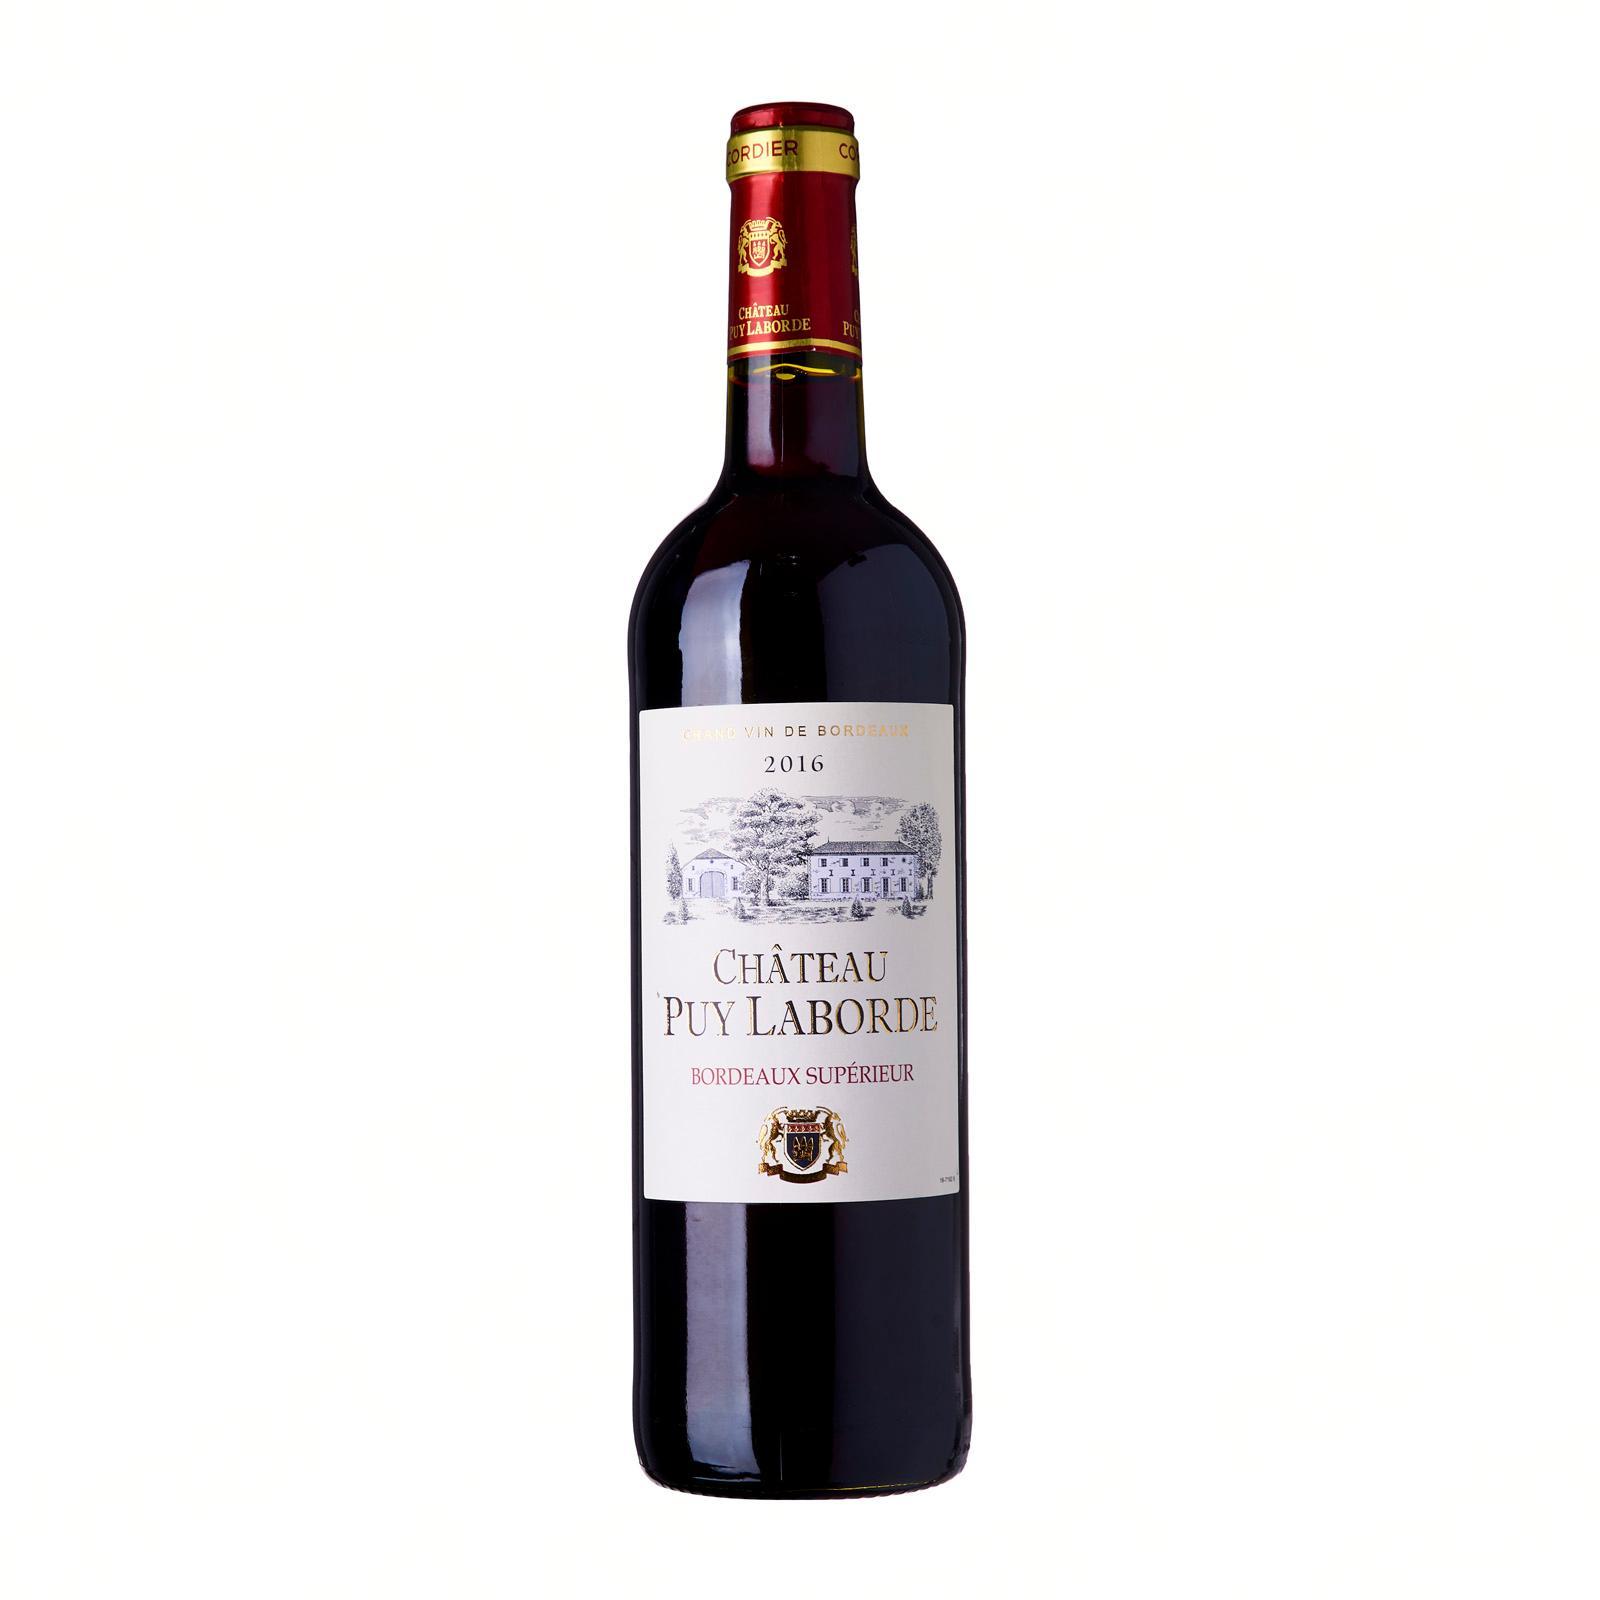 Chateau Puy Laborde Bordeaux Superieur 13.0% 750ml